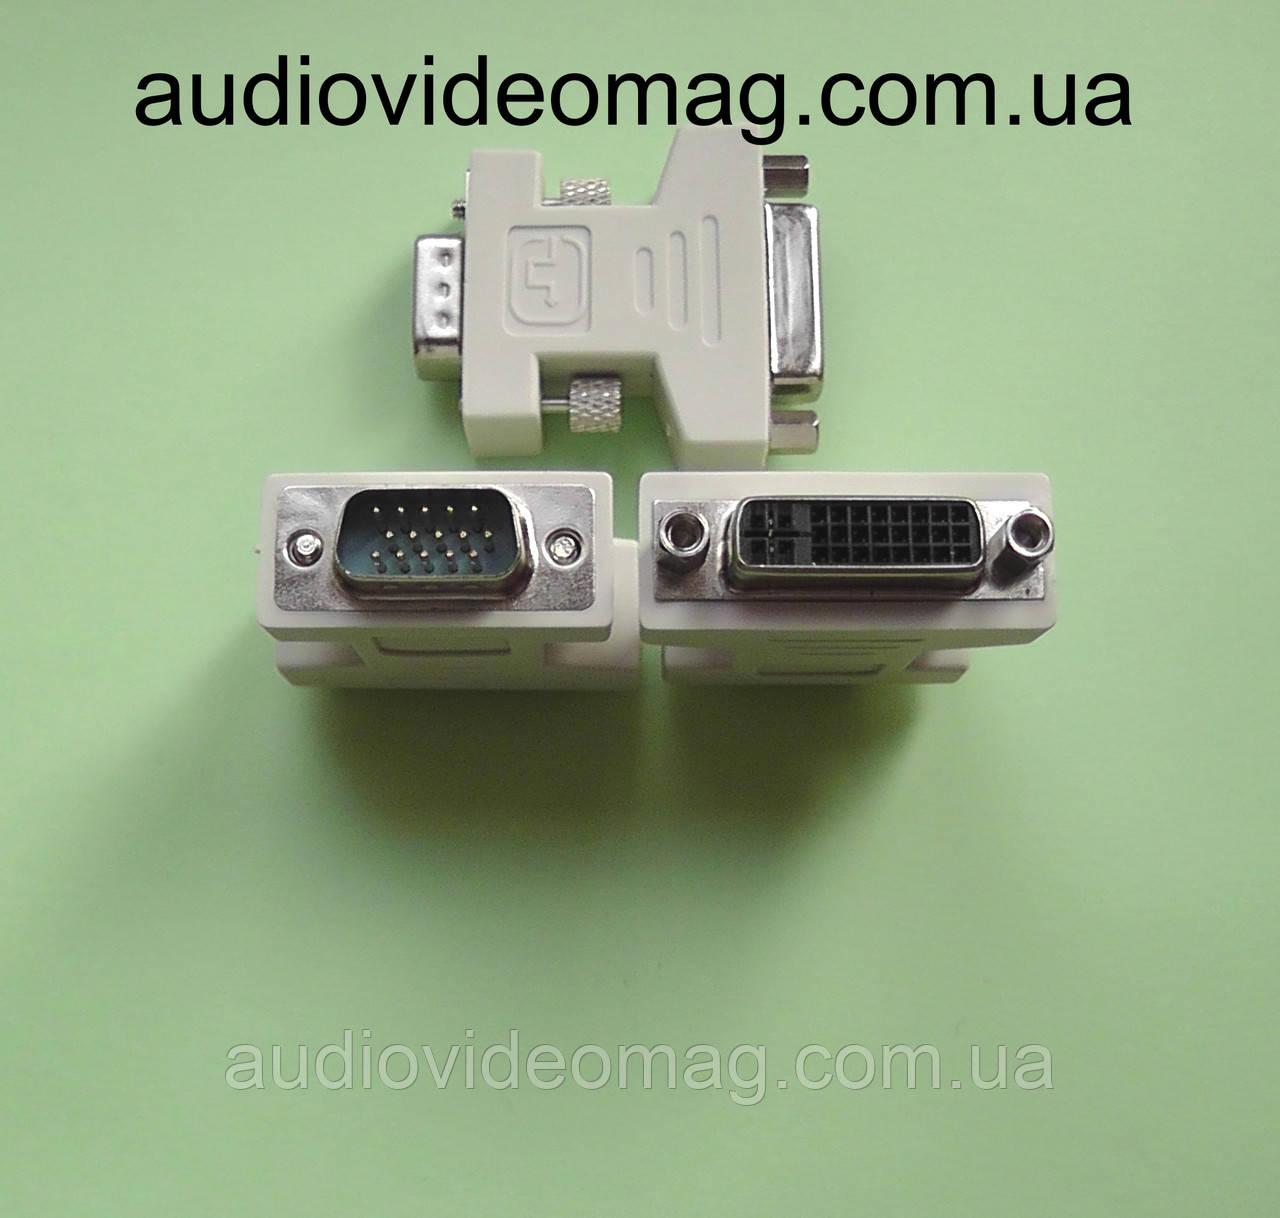 Переходник гнездо DVI-I на штекер VGA